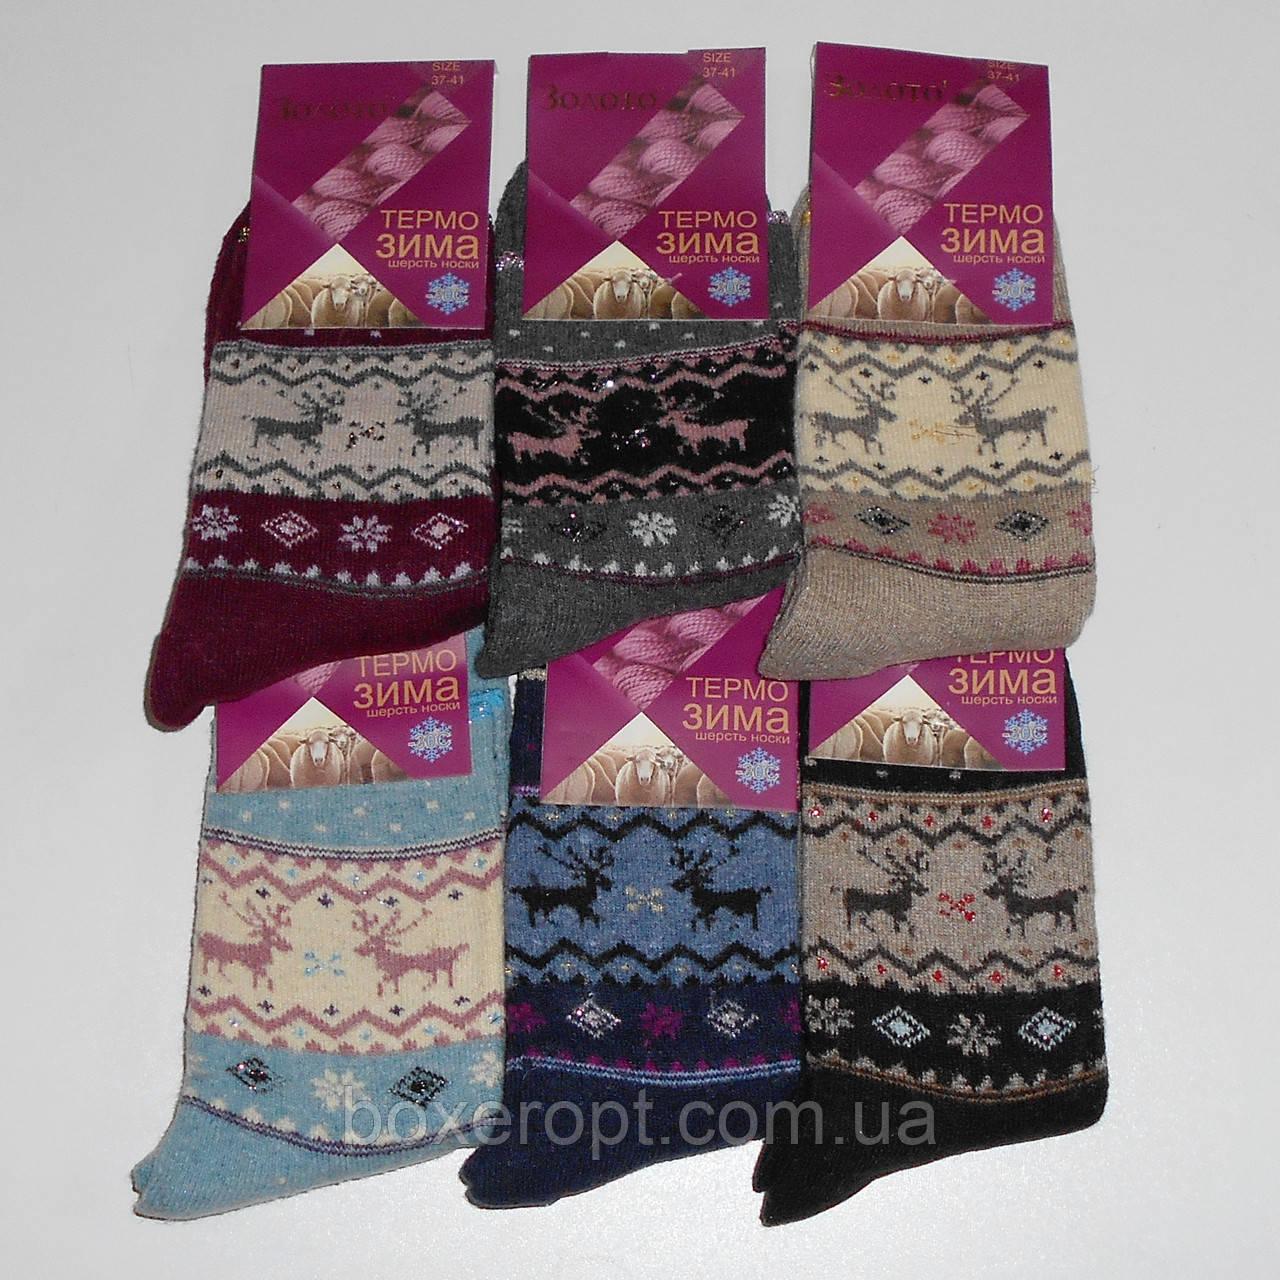 Женские ангоровые носки с махрой Золото - 25.00 грн./пара (C521)